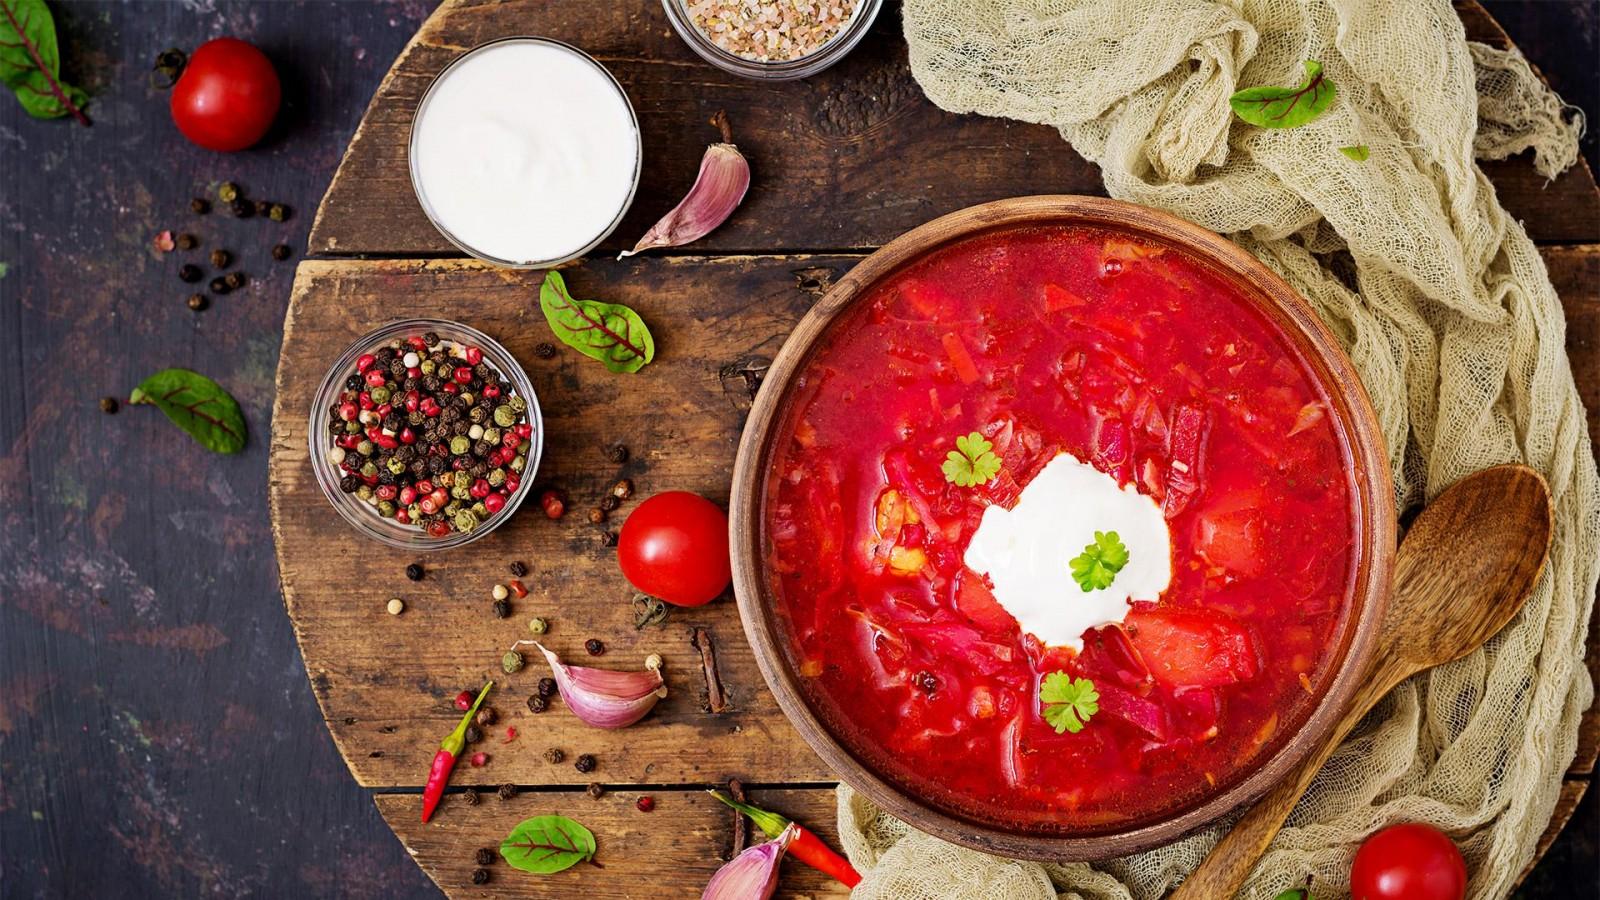 Блинный Восток: русская кухня завоевывает новые страны